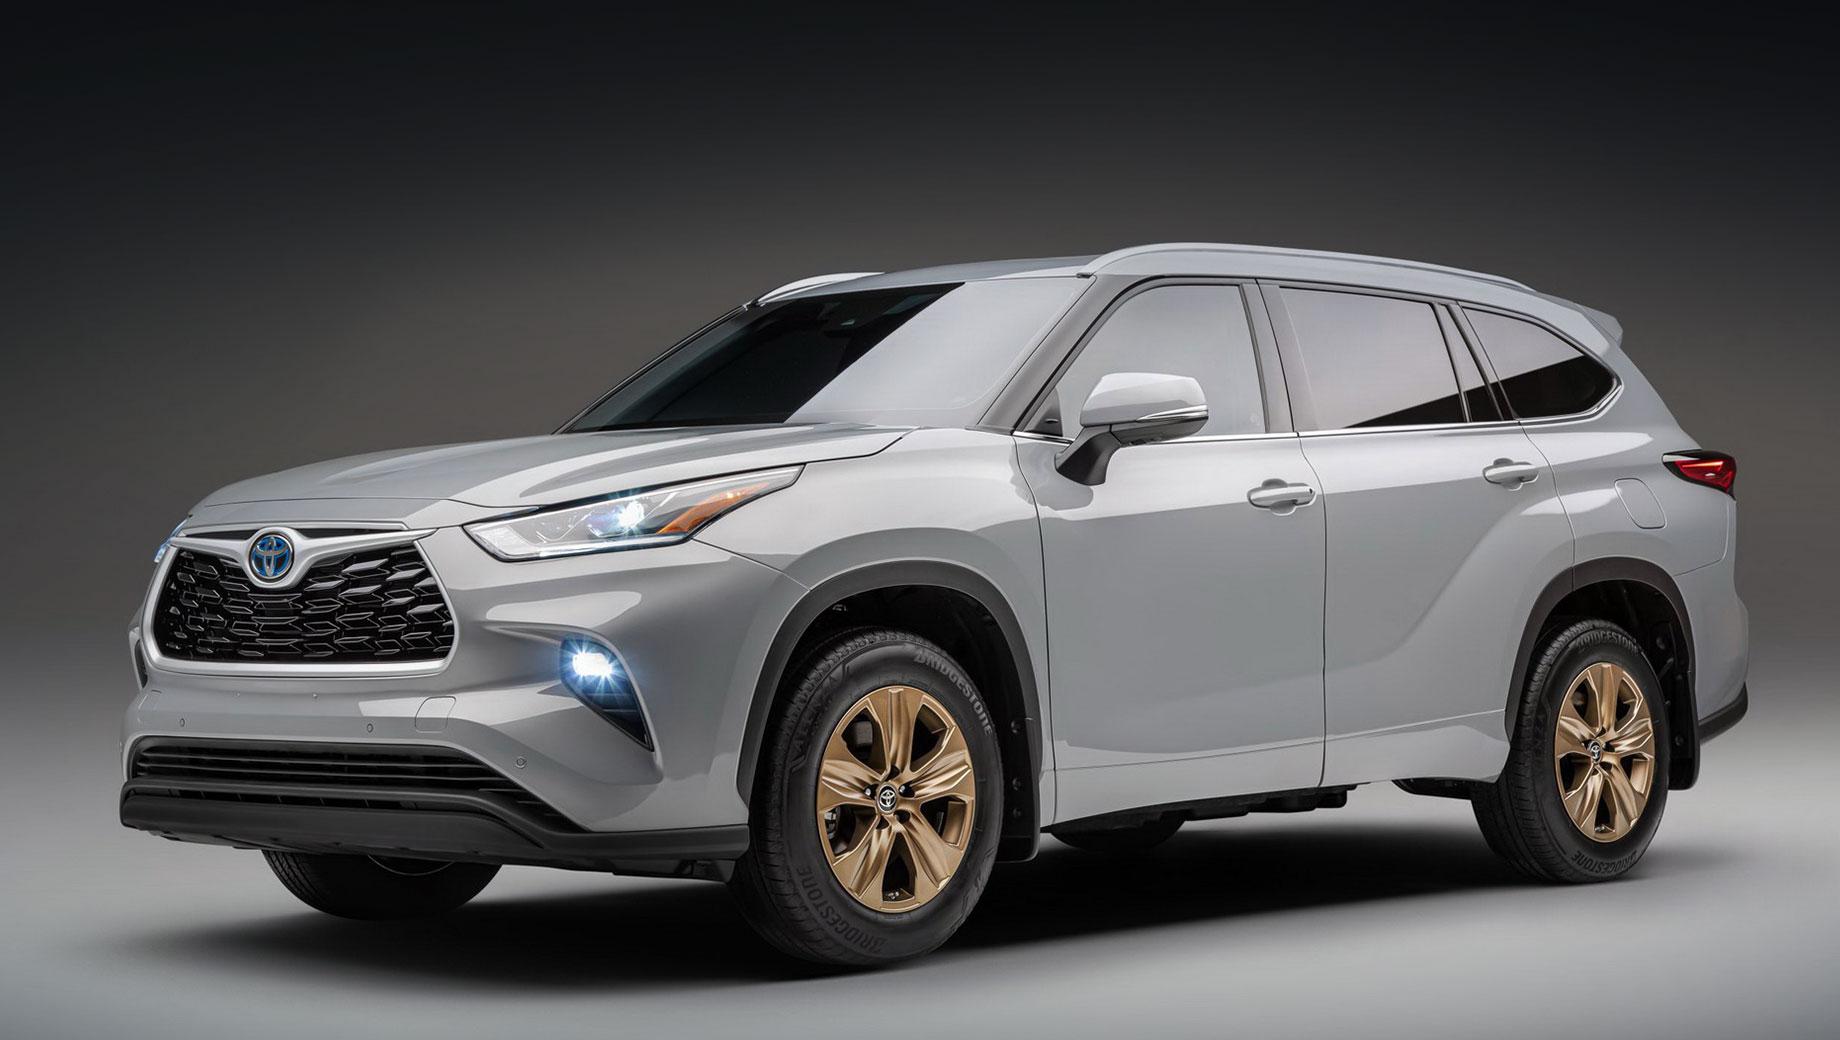 Toyota highlander. Для кузова предложено лишь два цвета: Cement и  Wind Chill Pearl (на фото). Все «бронзовые» акценты в экстерьере — это 18-дюймовые диски с шинами Bridgestone Alenza Sport A/S.